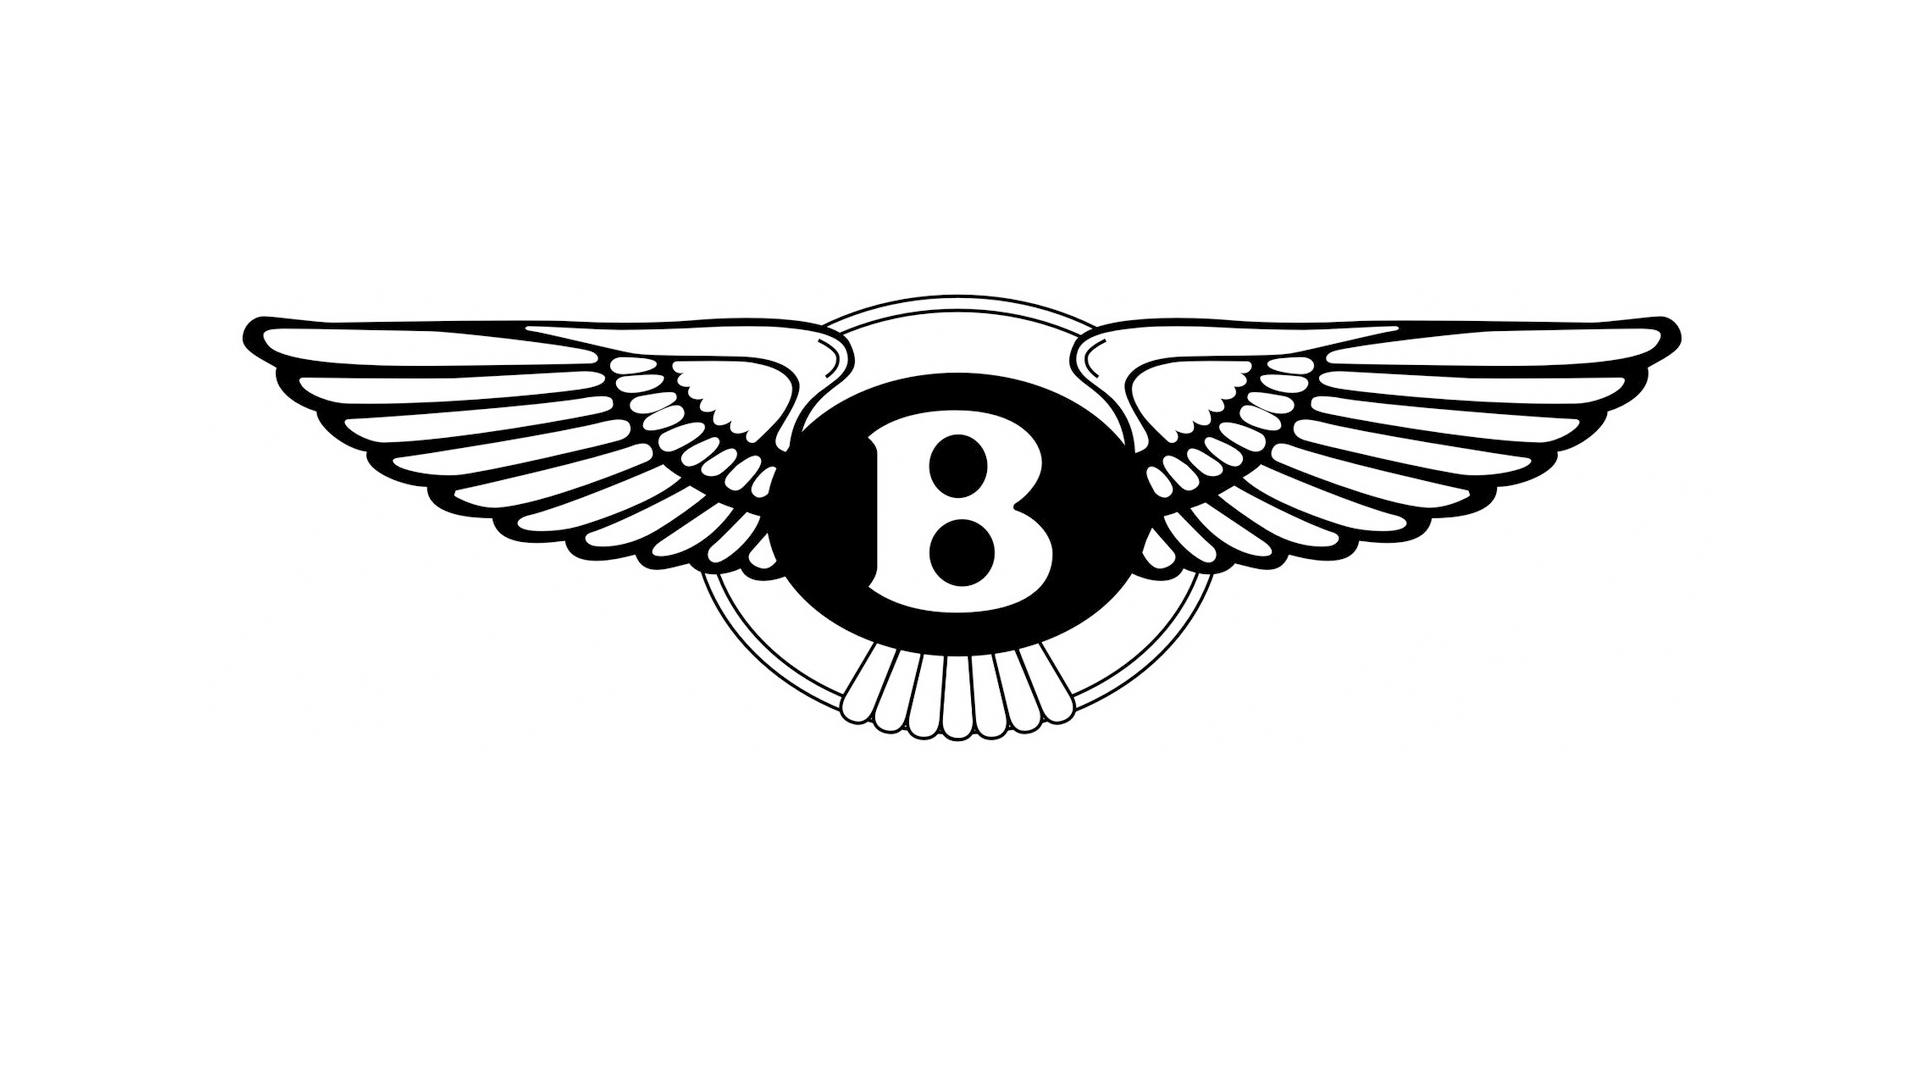 логотипы бентли